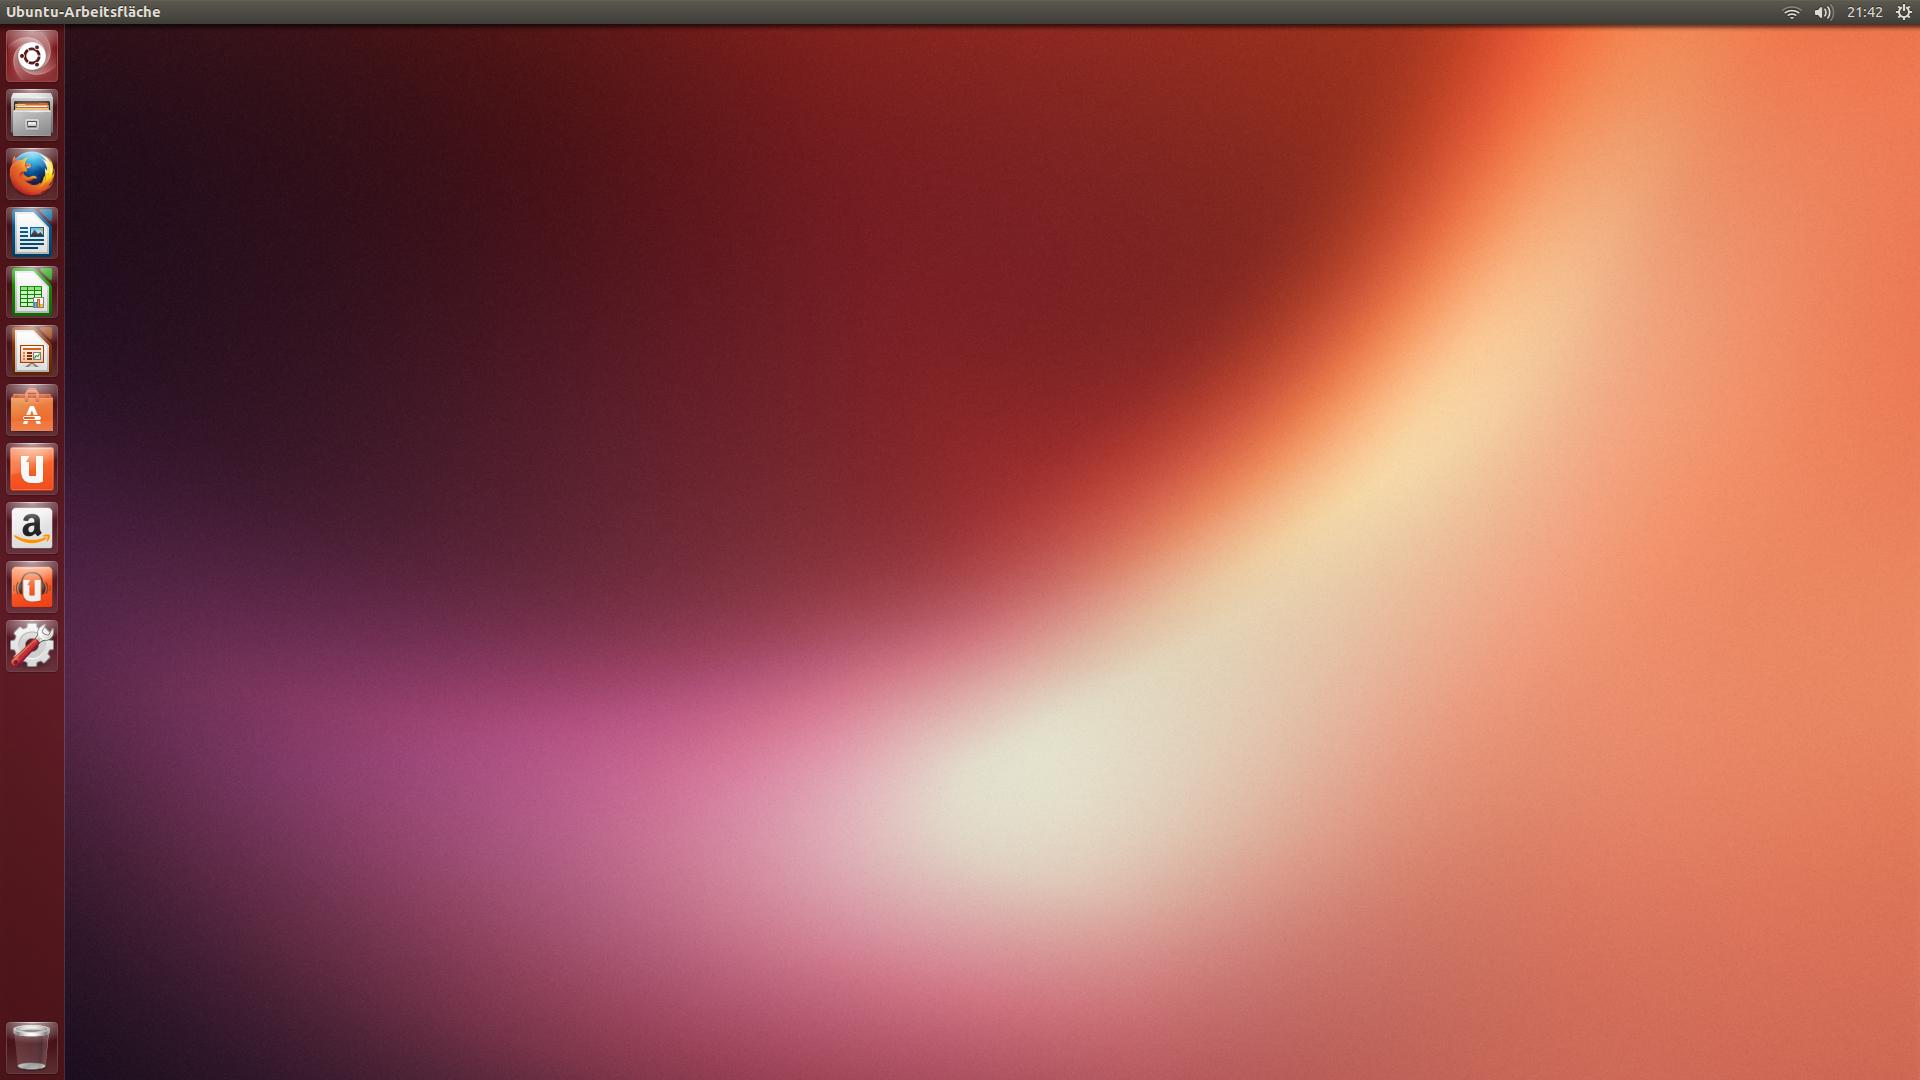 Ubuntu_13.04_Desktop